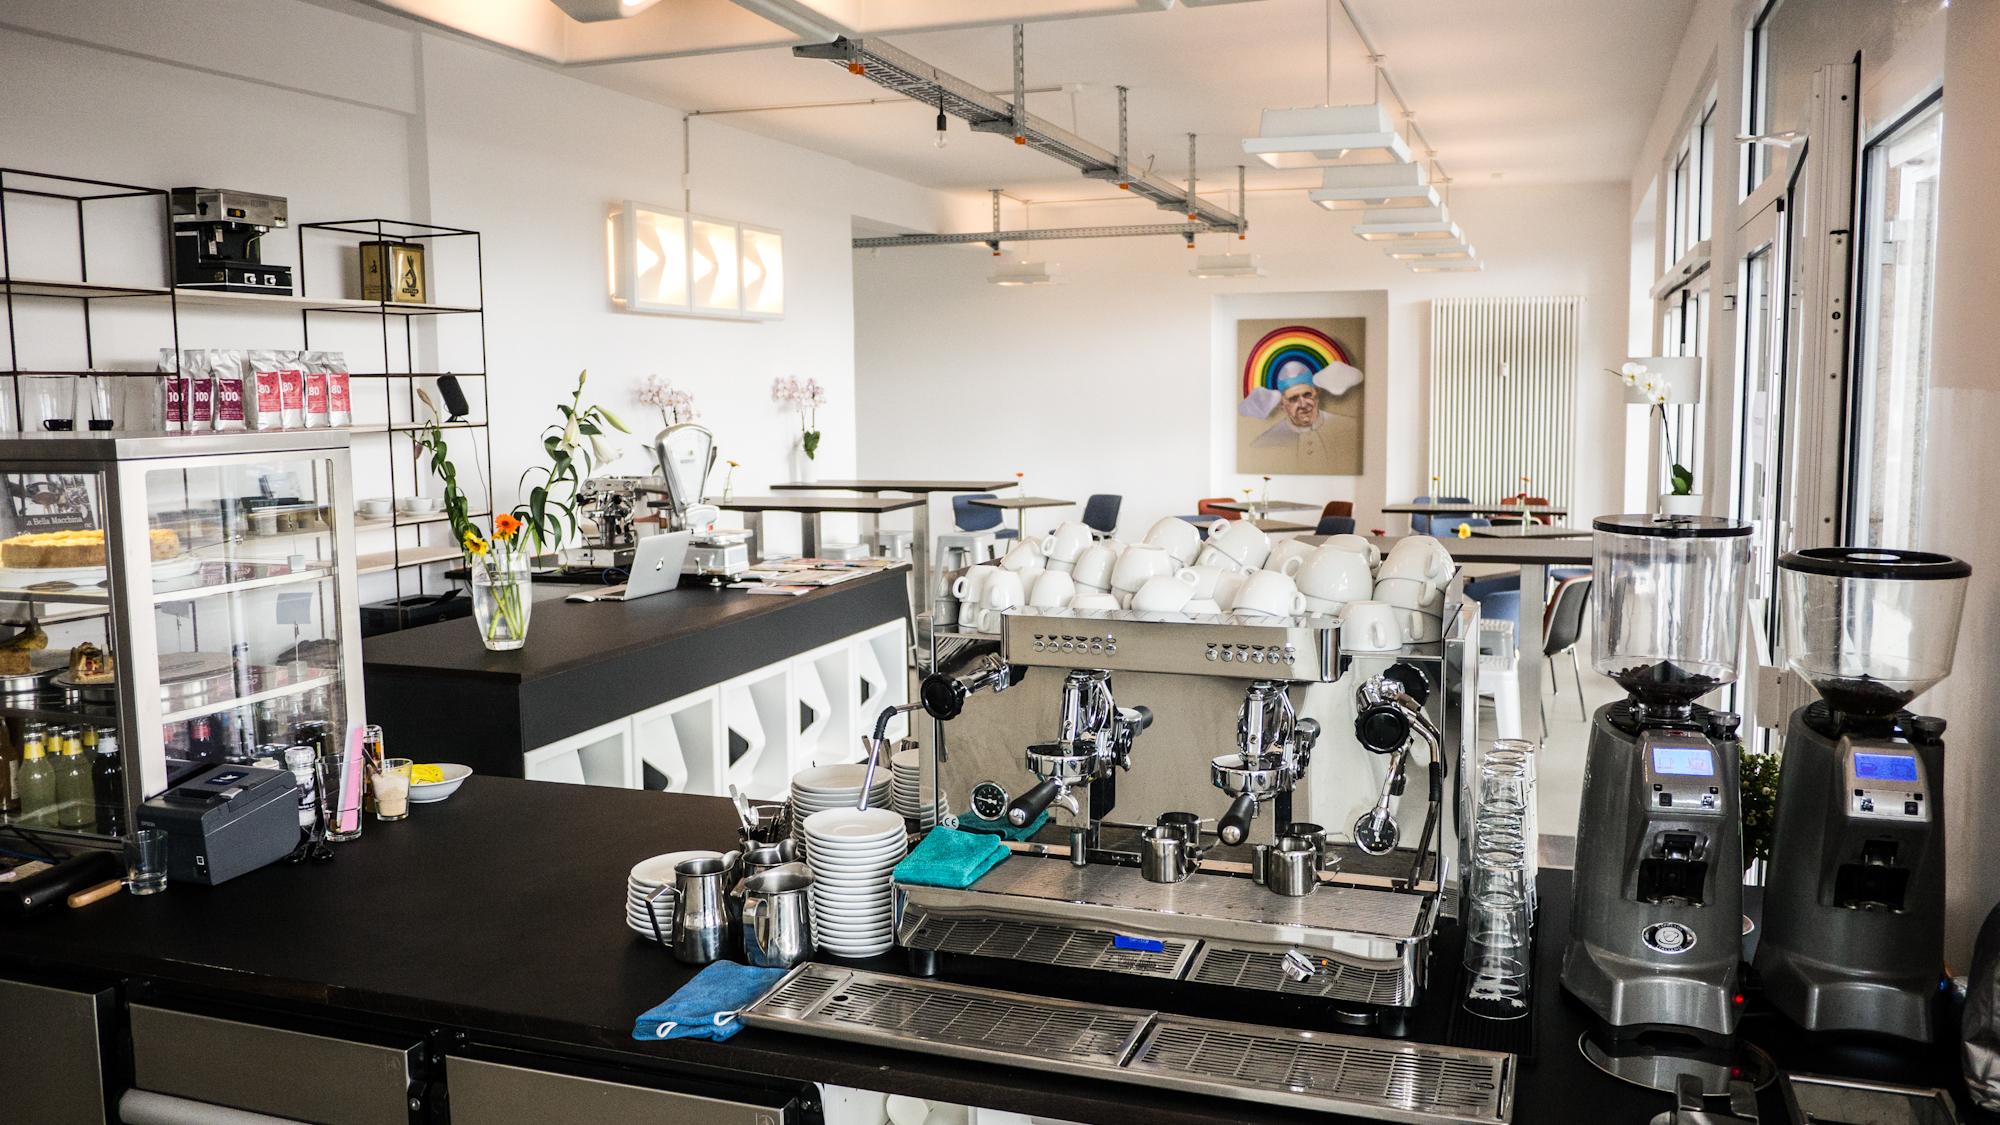 intensiv barista kurs in d sseldorf f r ge bte kaffee k nner. Black Bedroom Furniture Sets. Home Design Ideas